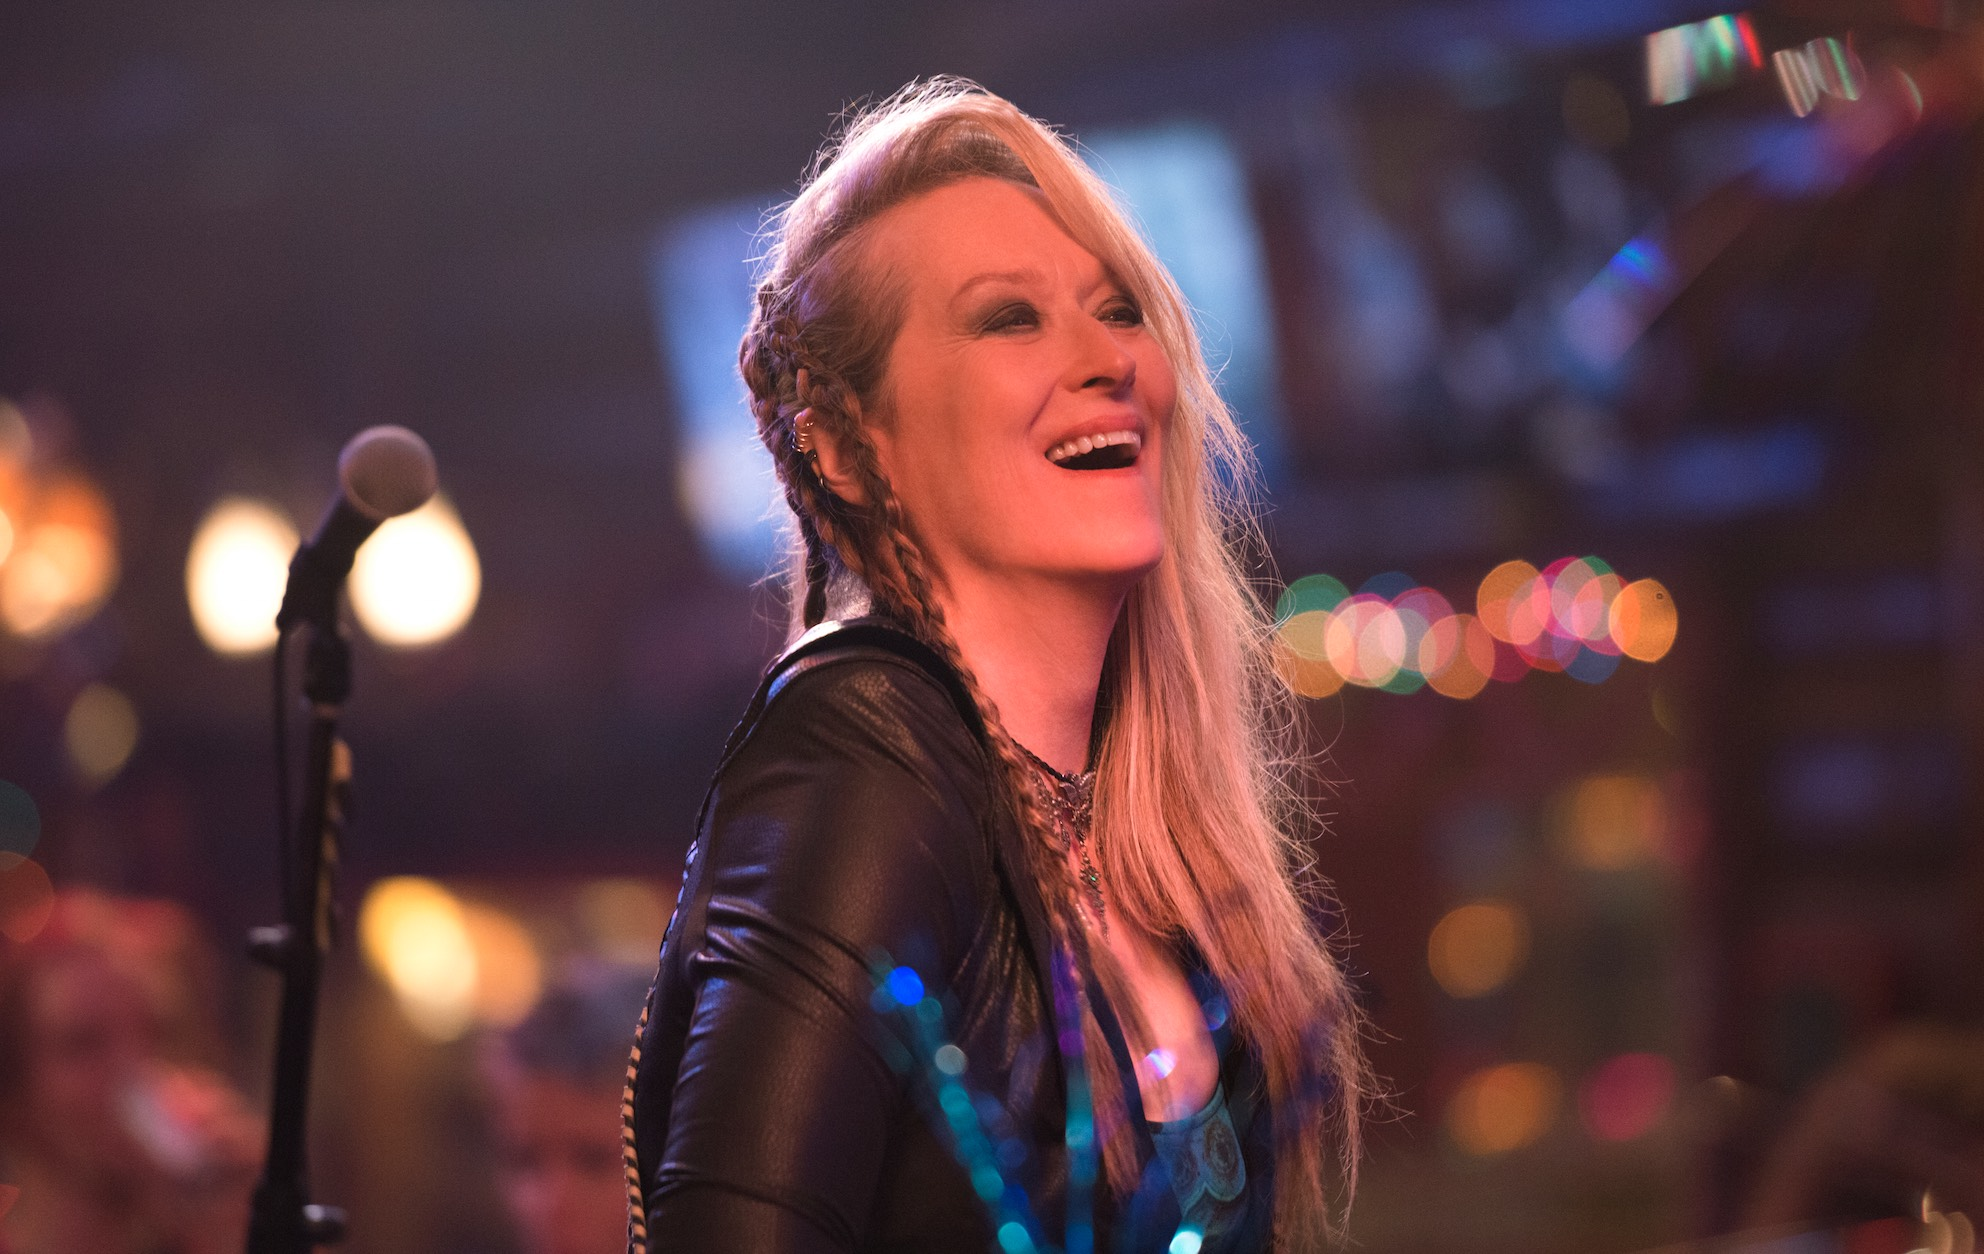 Meryl Streep as Ricki